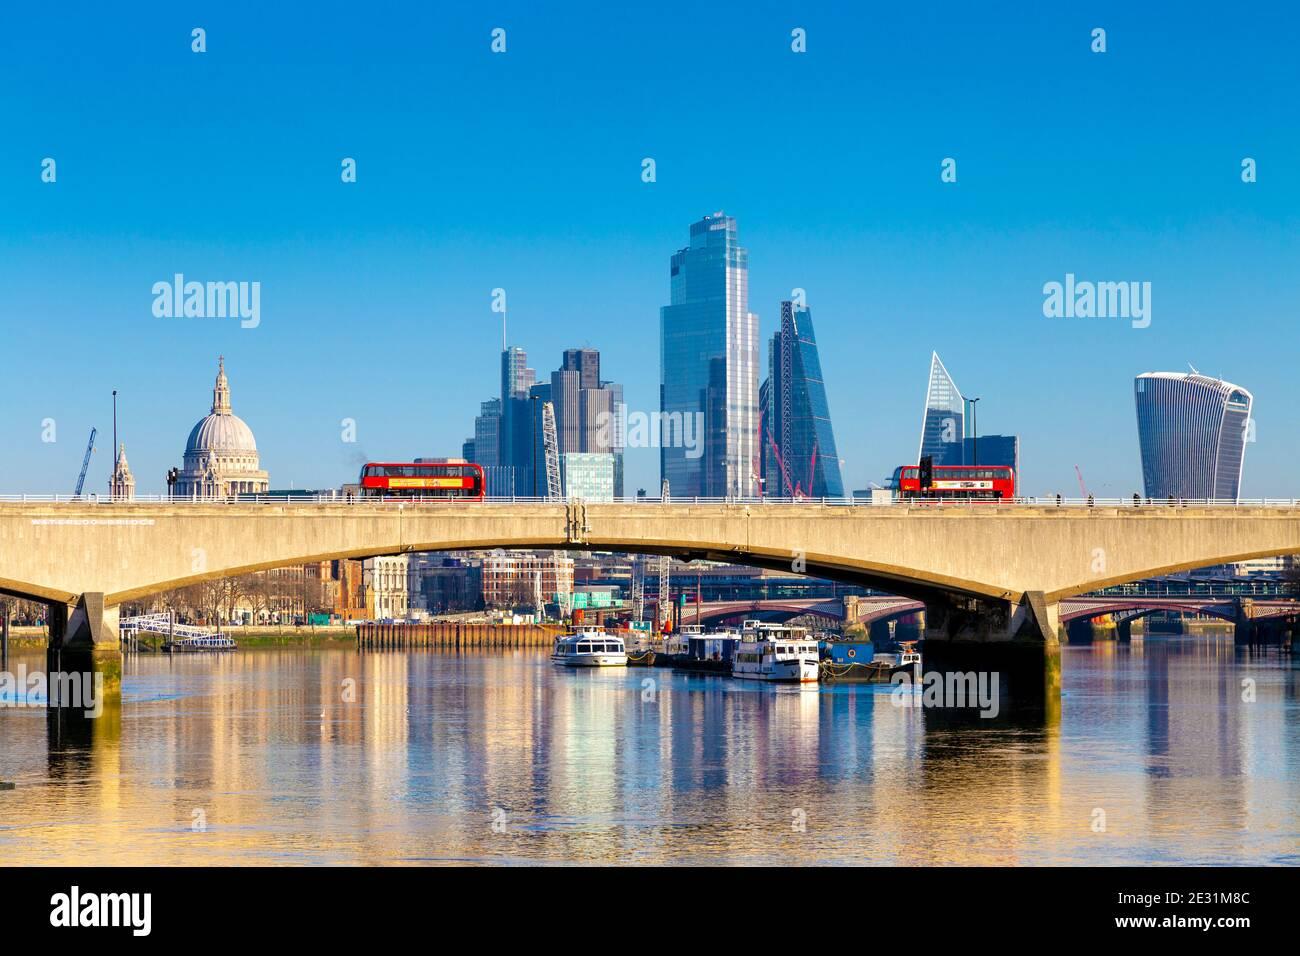 Autobuses rojos de dos pisos cruzando el puente de Waterloo sobre el río Támesis, Londres, Reino Unido Foto de stock